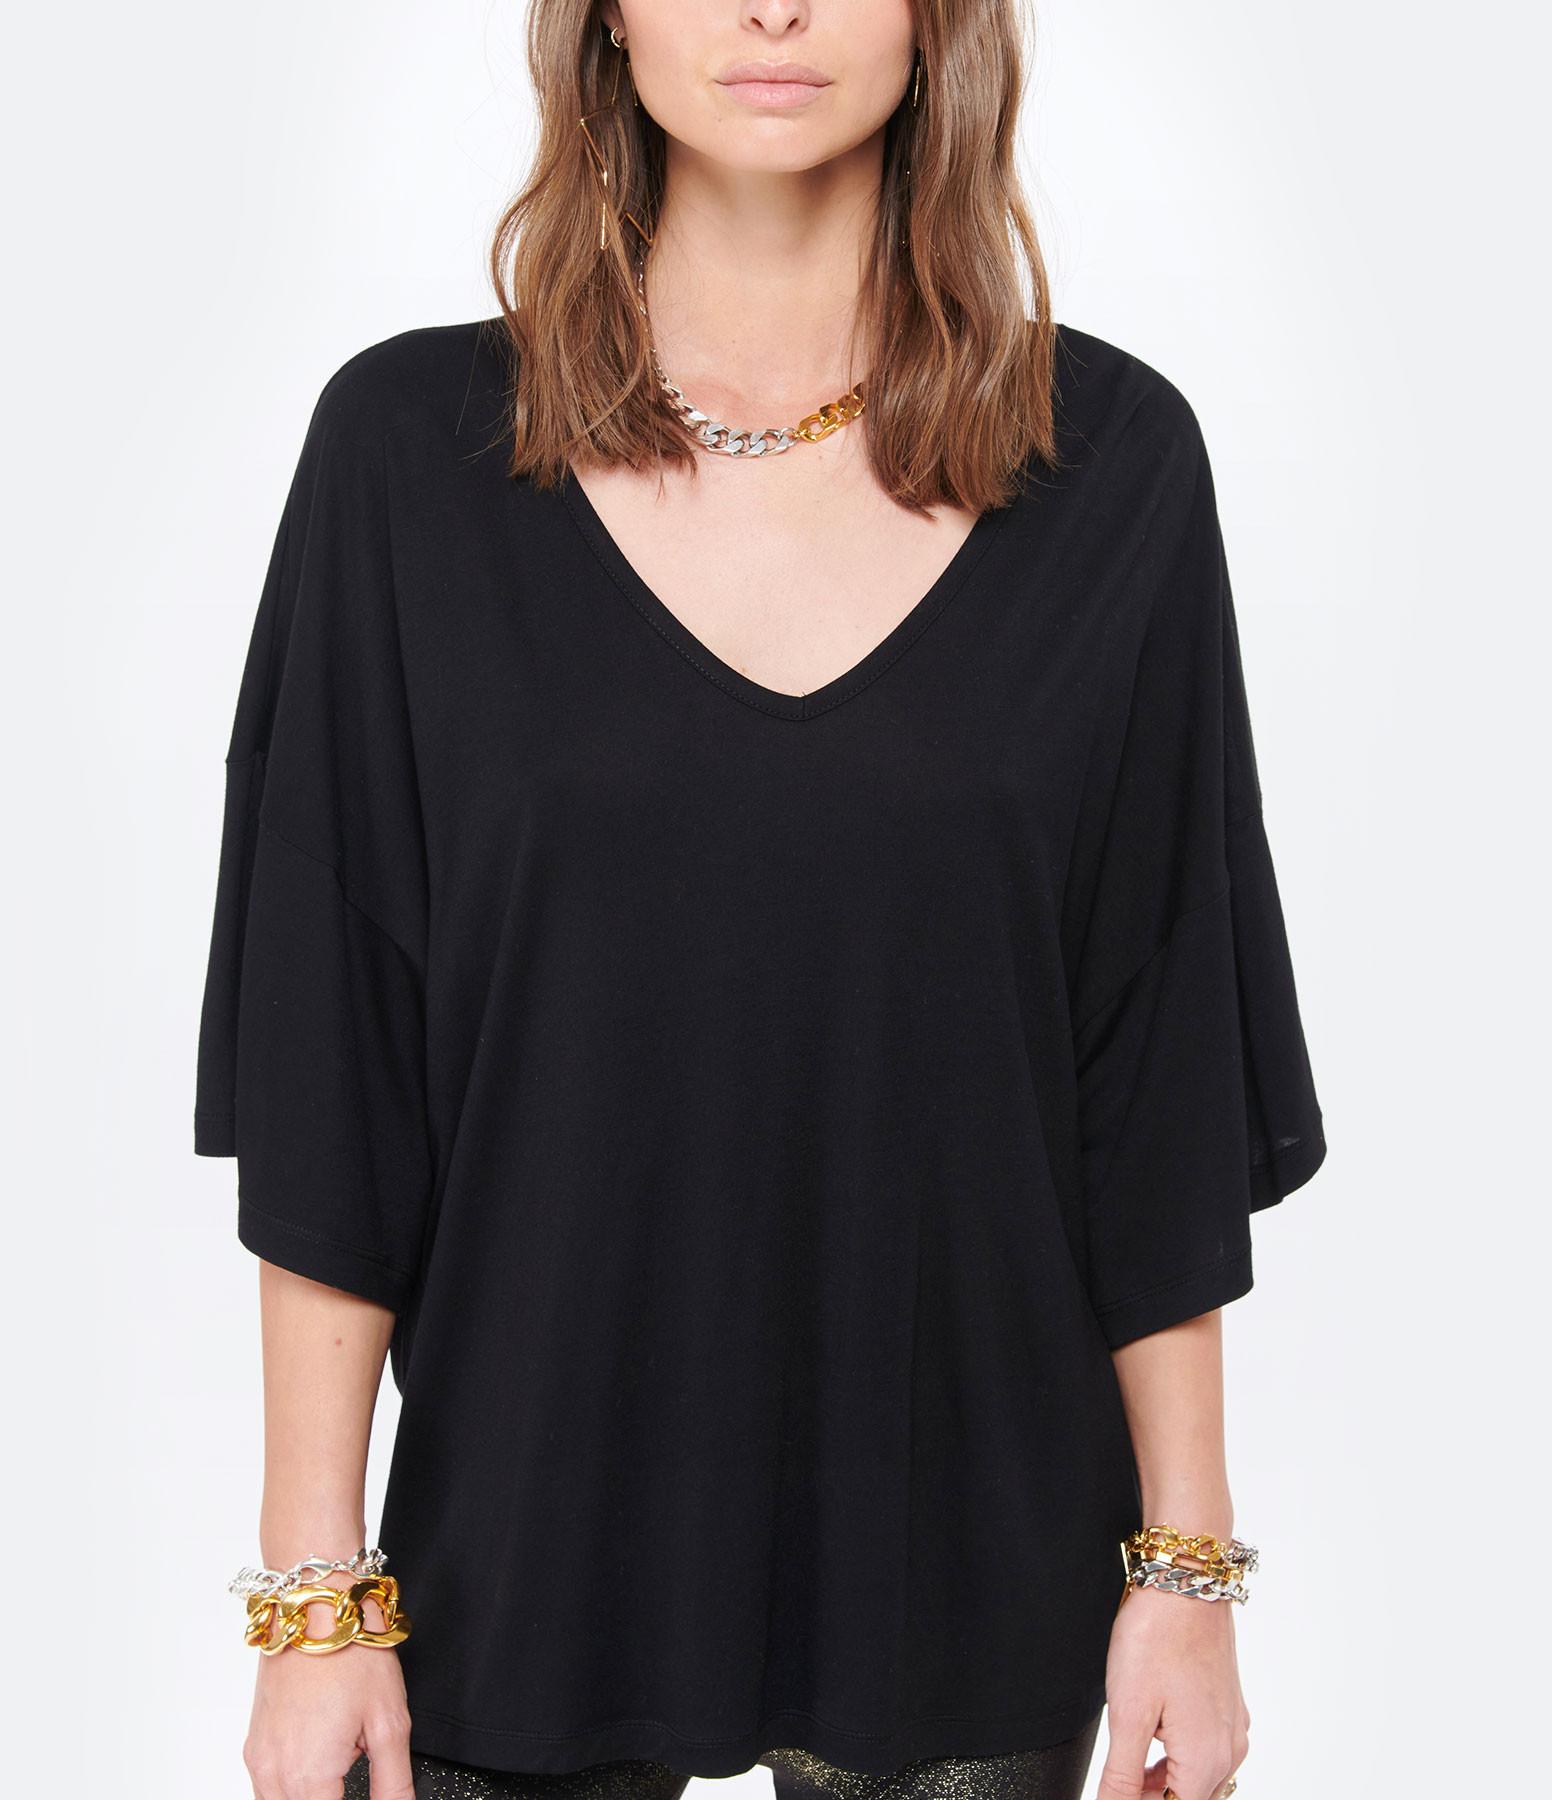 MAEVY - Tee-shirt Marie Bambou Noir